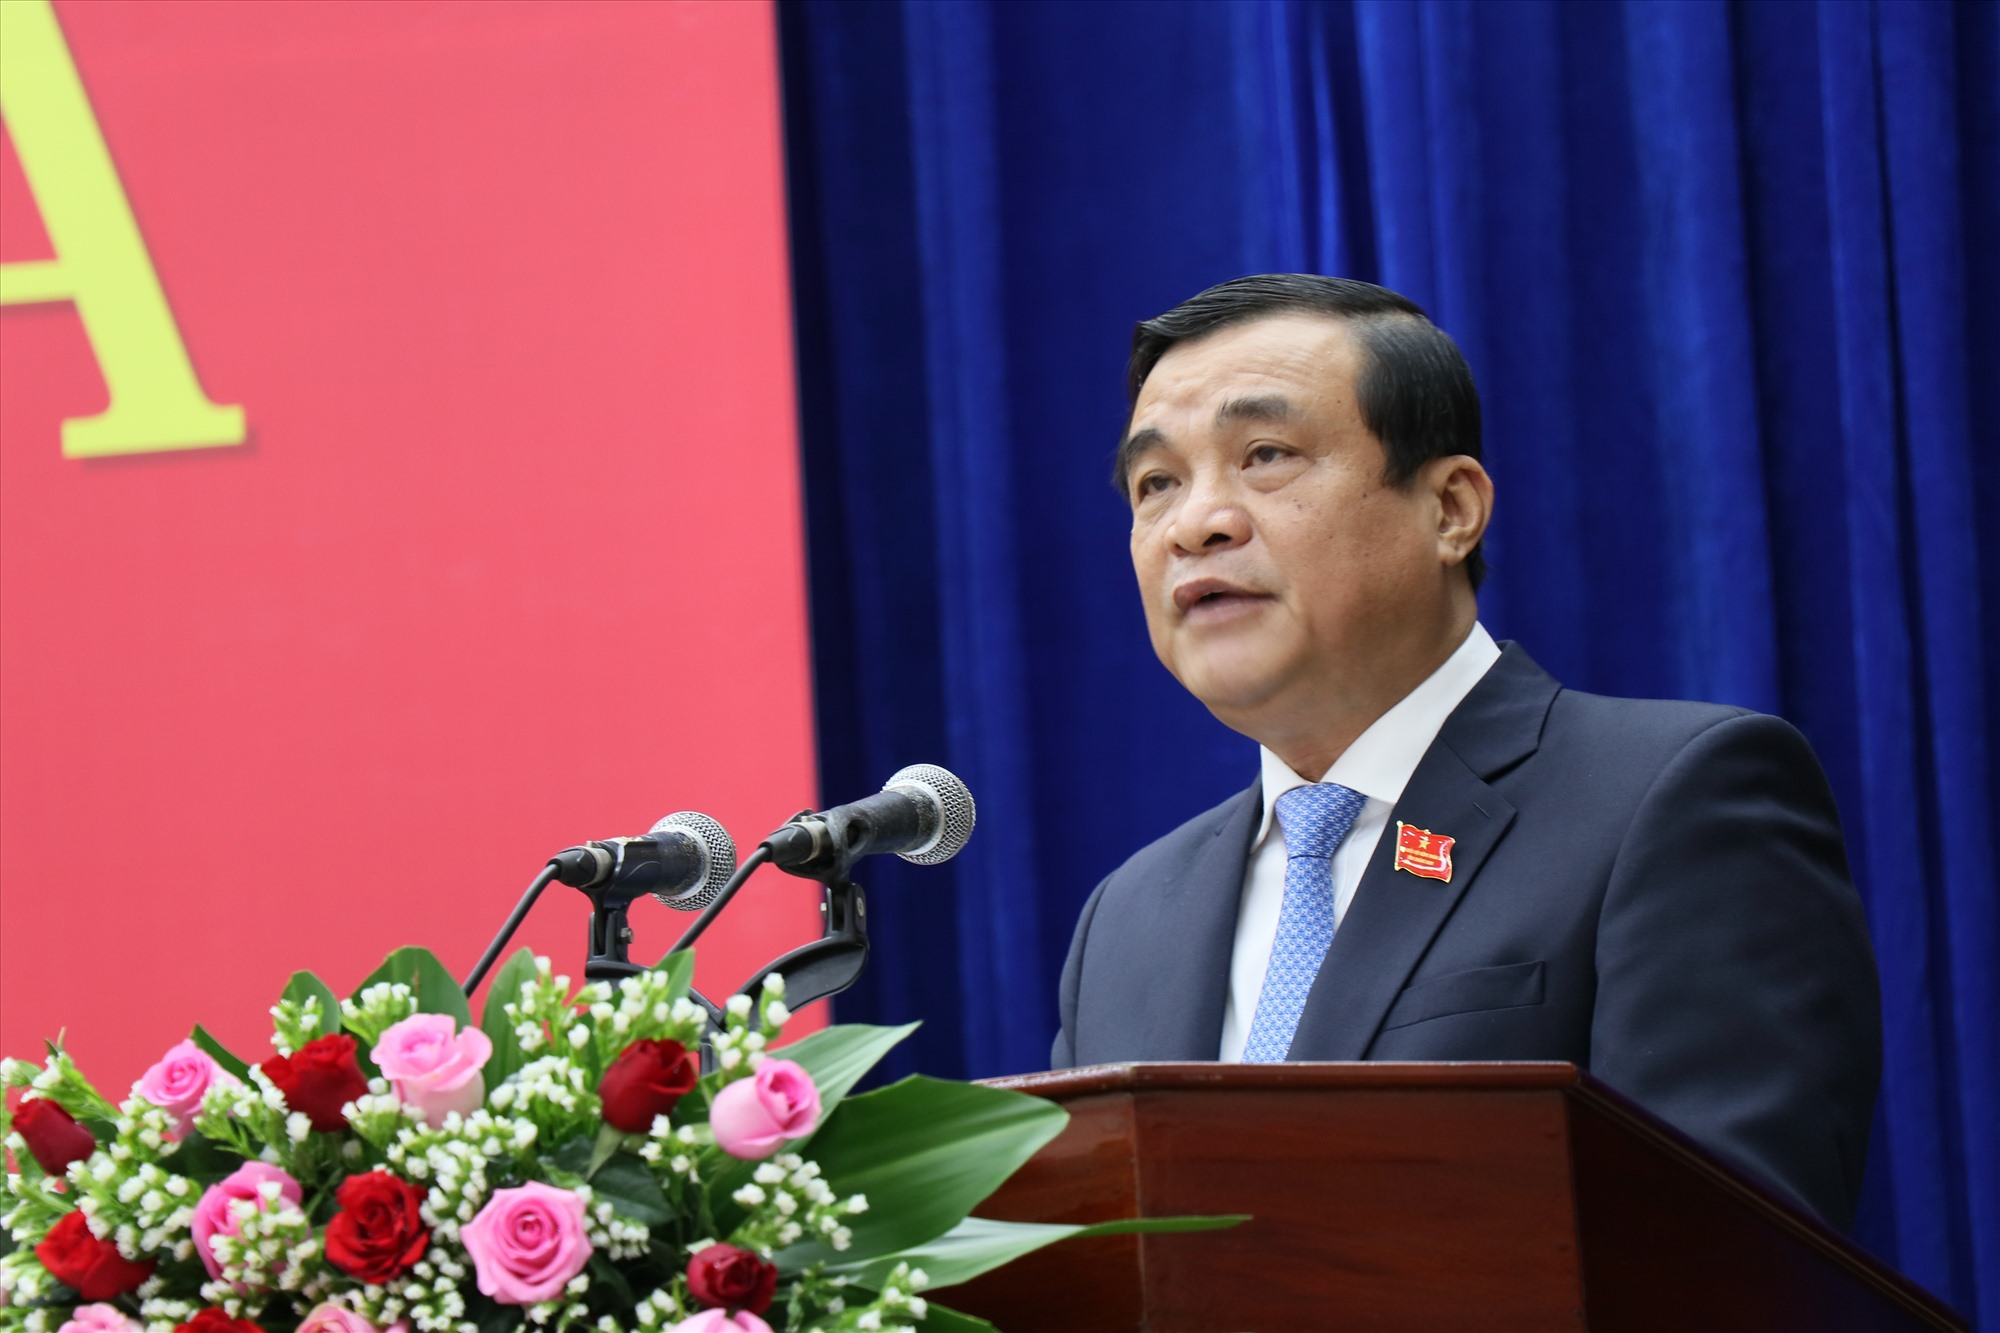 Bí thư Tỉnh ủy, Chủ tịch HĐND tỉnh Phan Việt Cường phát biểu khai mạc Kỳ họp thứ 3 sáng nay 29.9. Ảnh: N.Đ